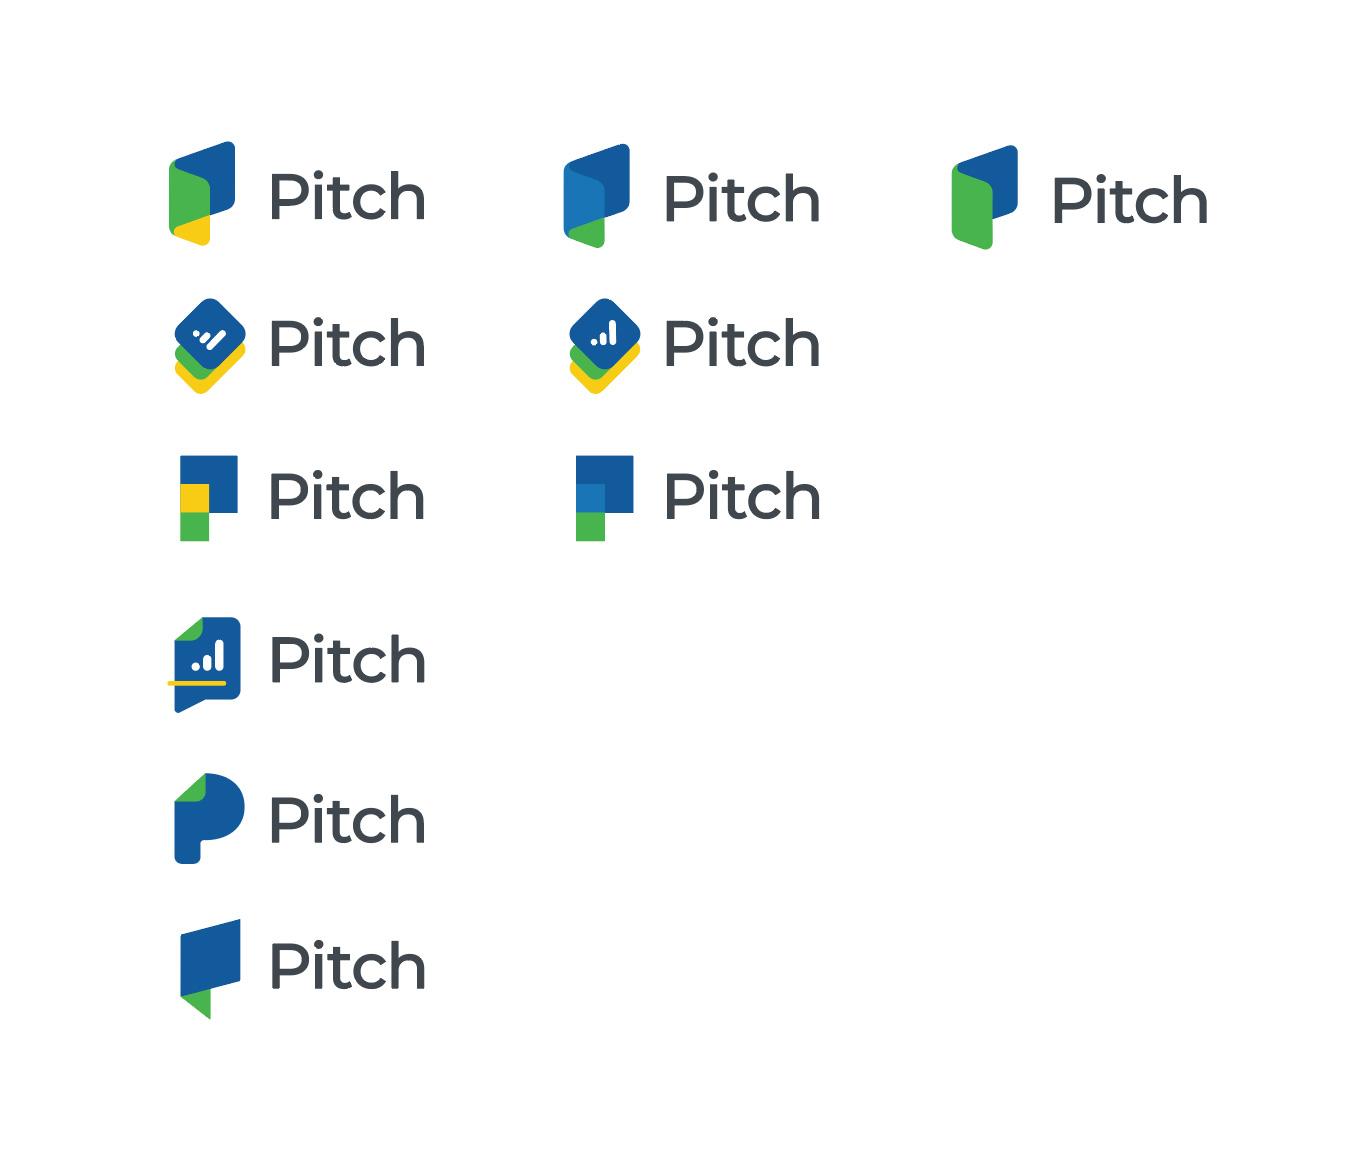 Pitch Logos